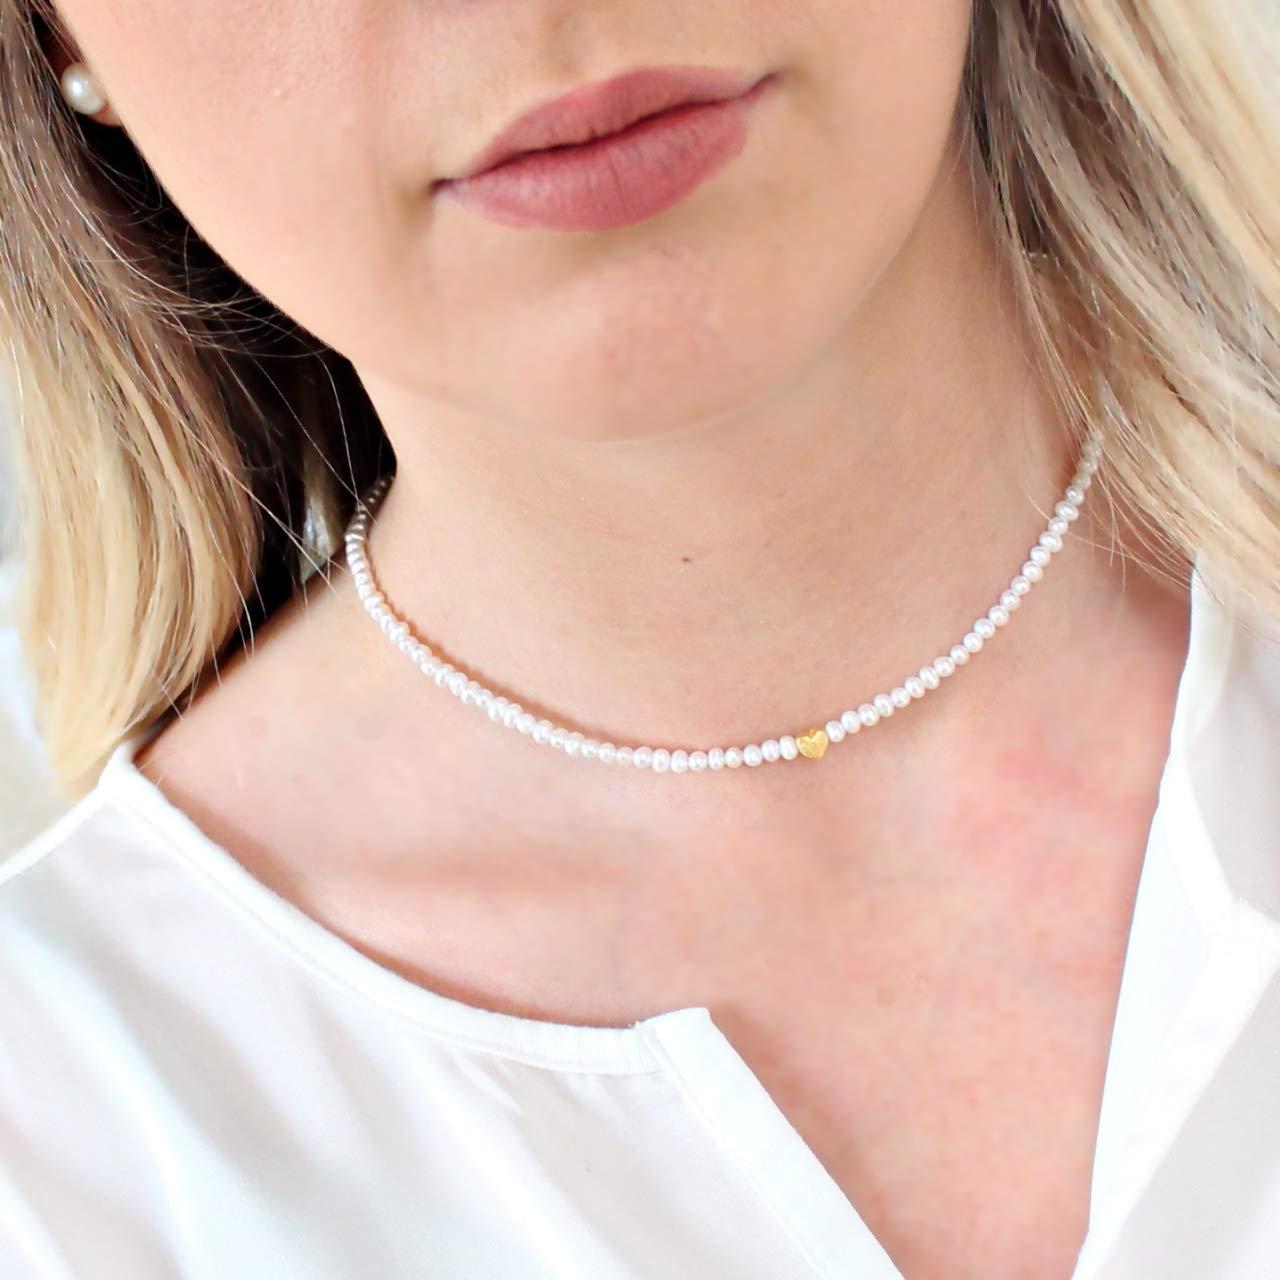 Zarte Perlenkette aus echten S/ü/ßwasser-Perlen mit kleinem Herz sch/önes Geschenk Silber oder gold